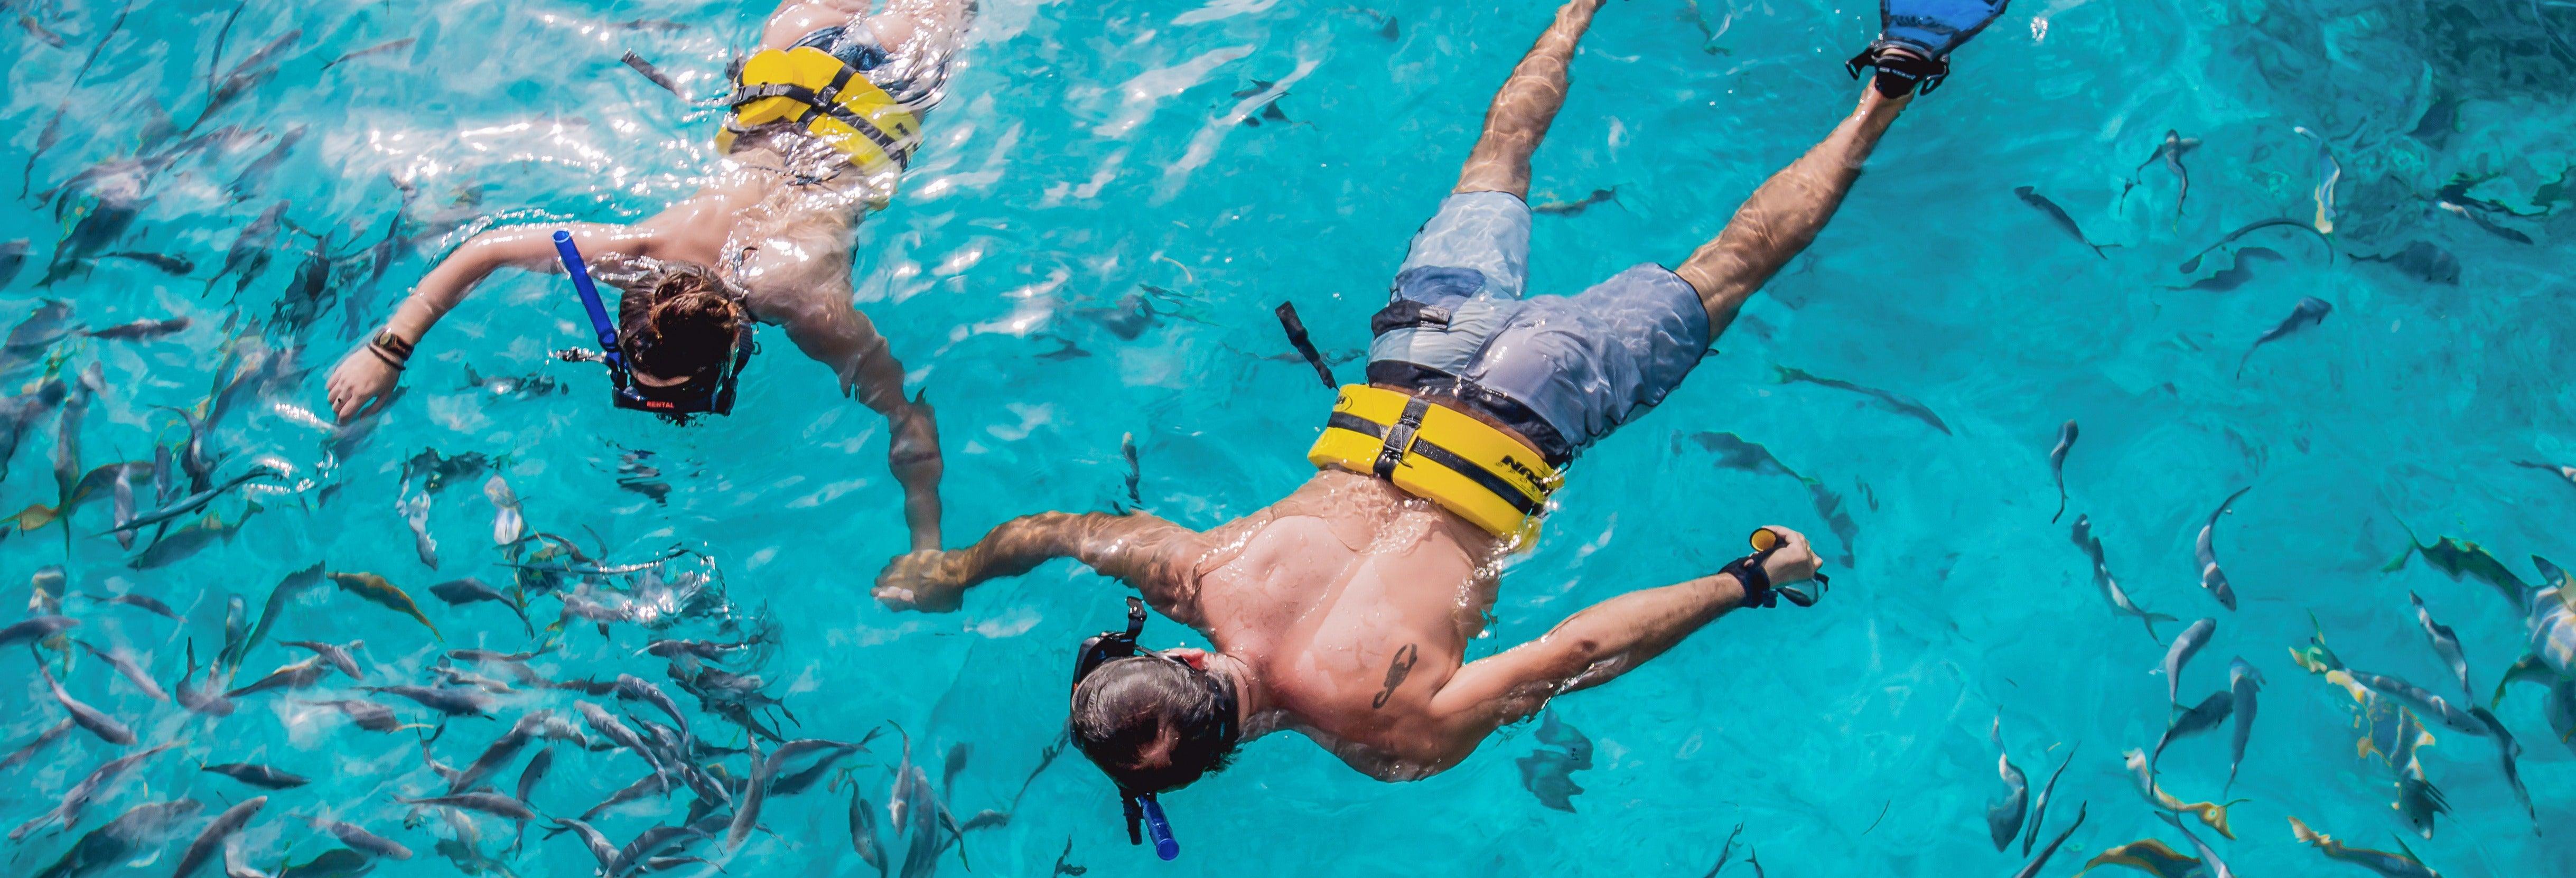 Excursión al Reef Explorer